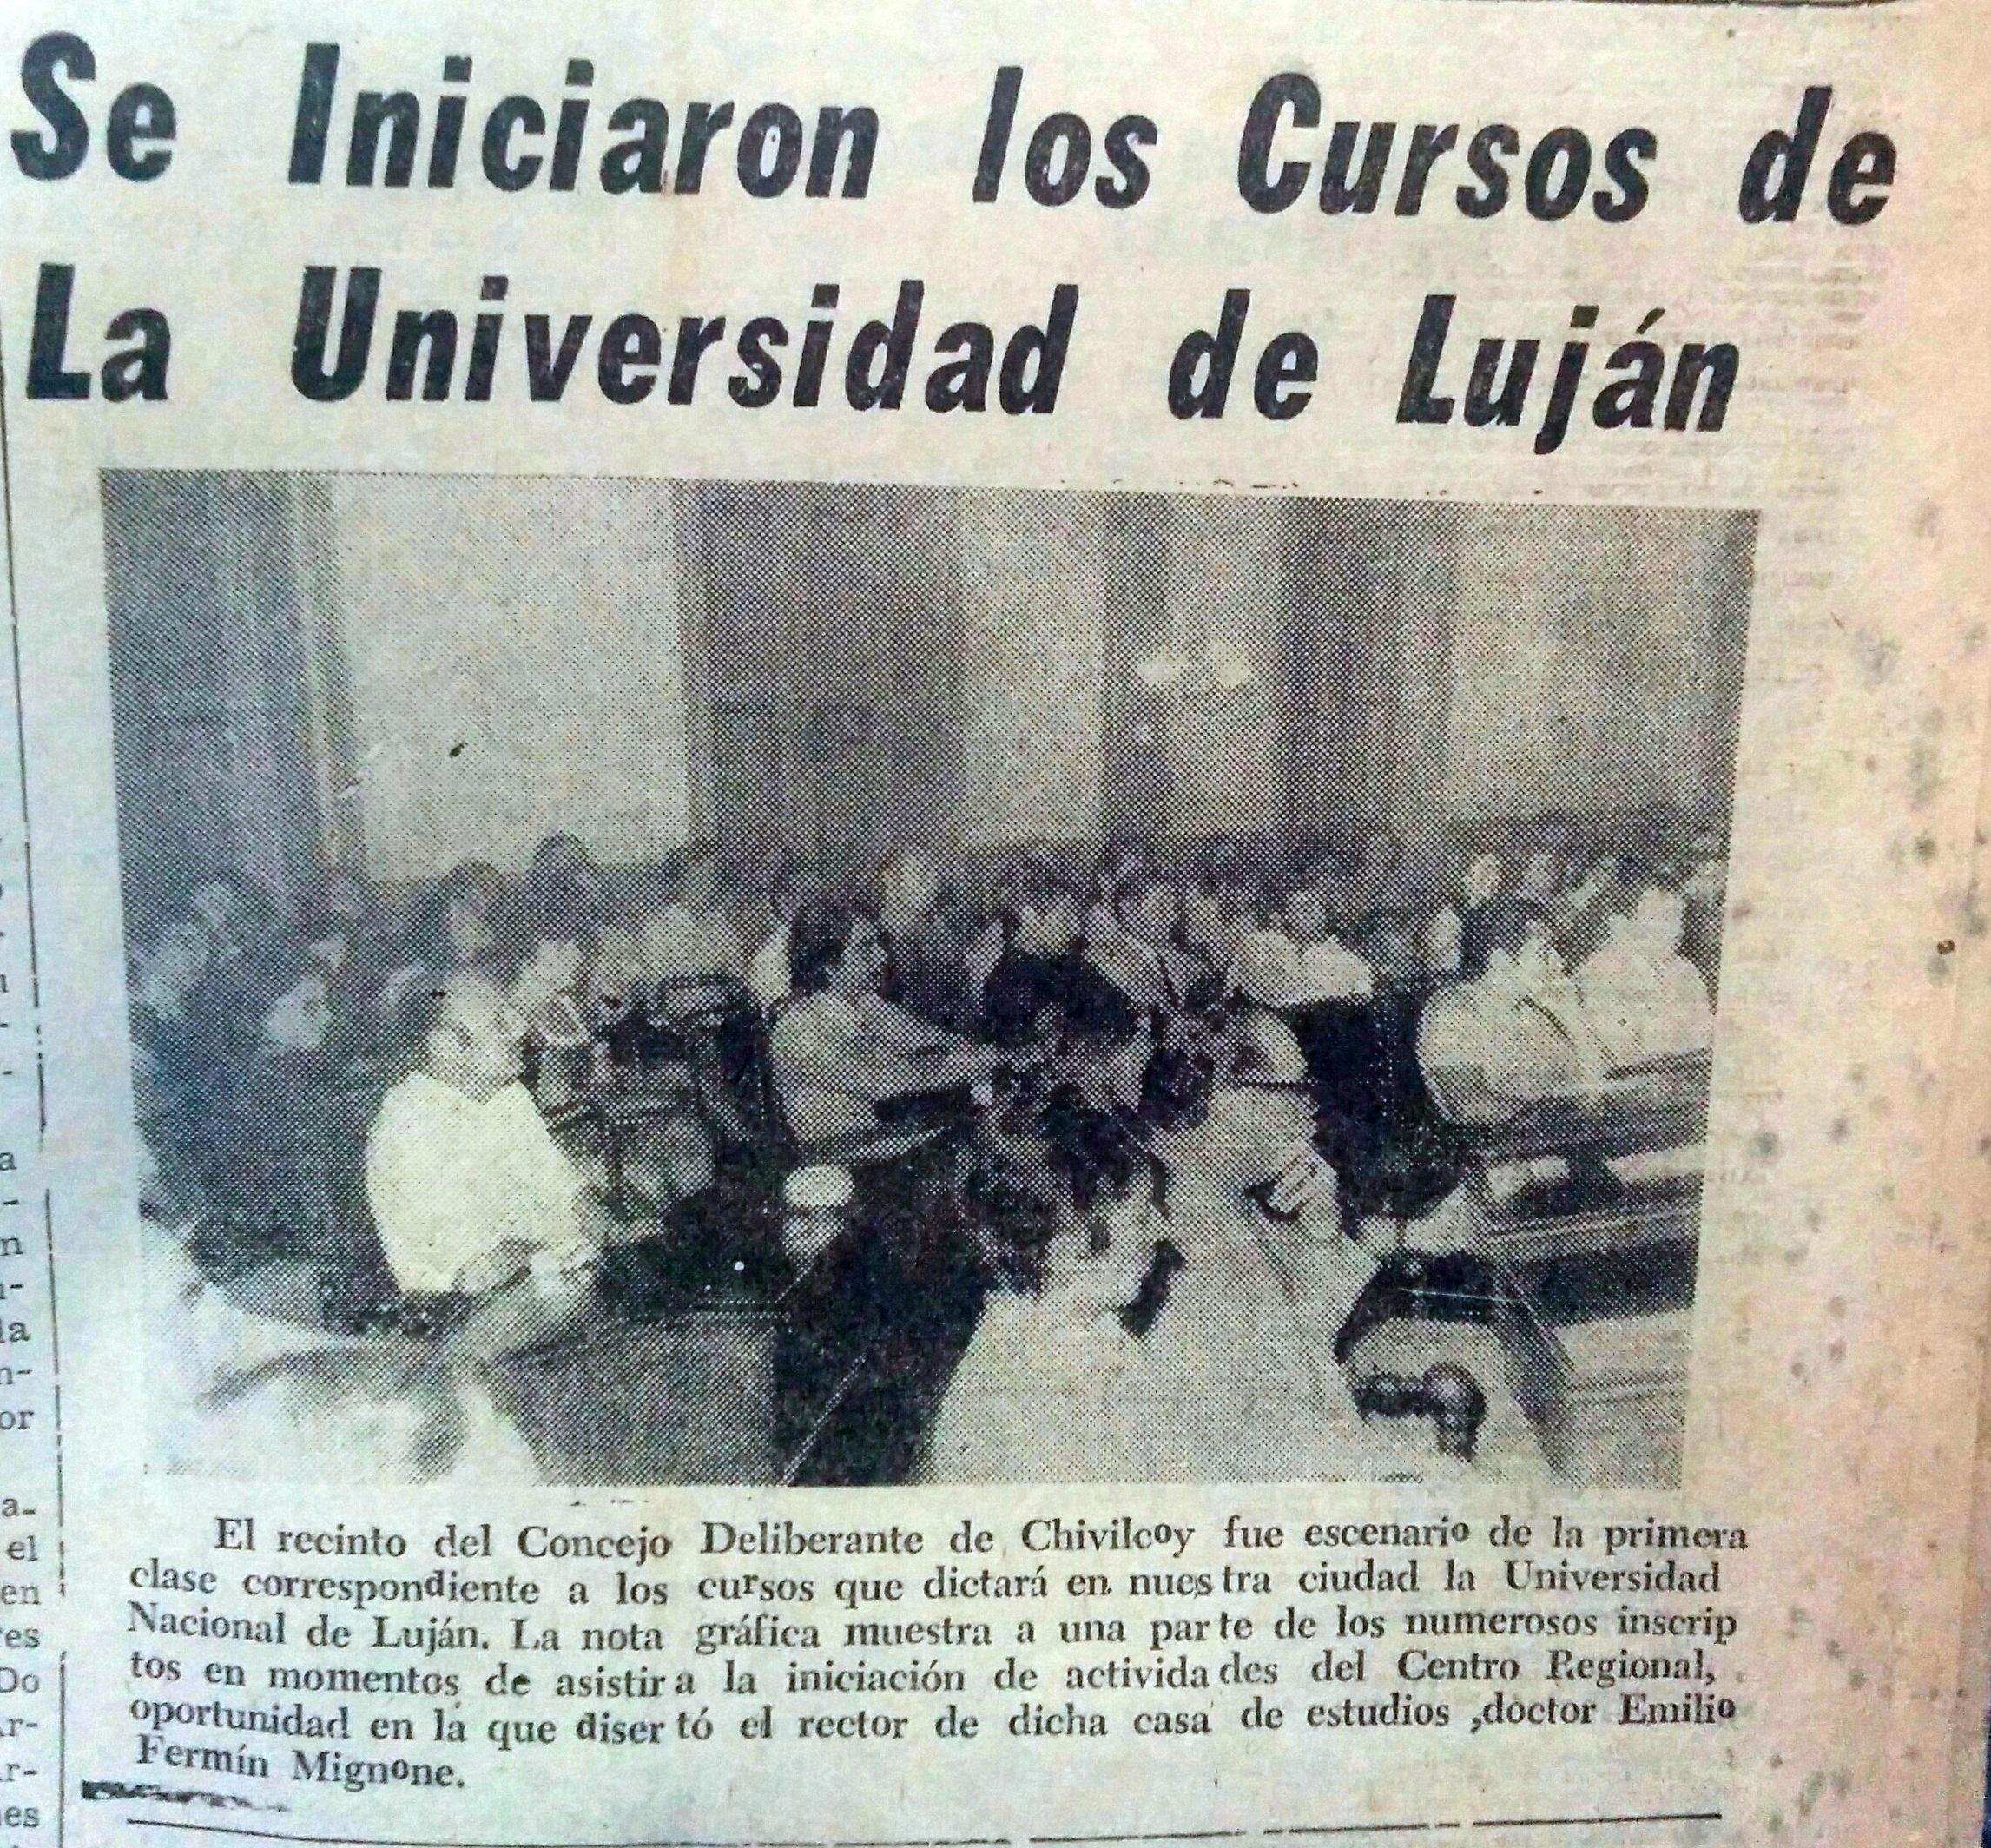 Cursos de la Universidad de Luján, (Se iniciaron en el recinto del Congreso Deliberante, en el mes de abril de 1974)